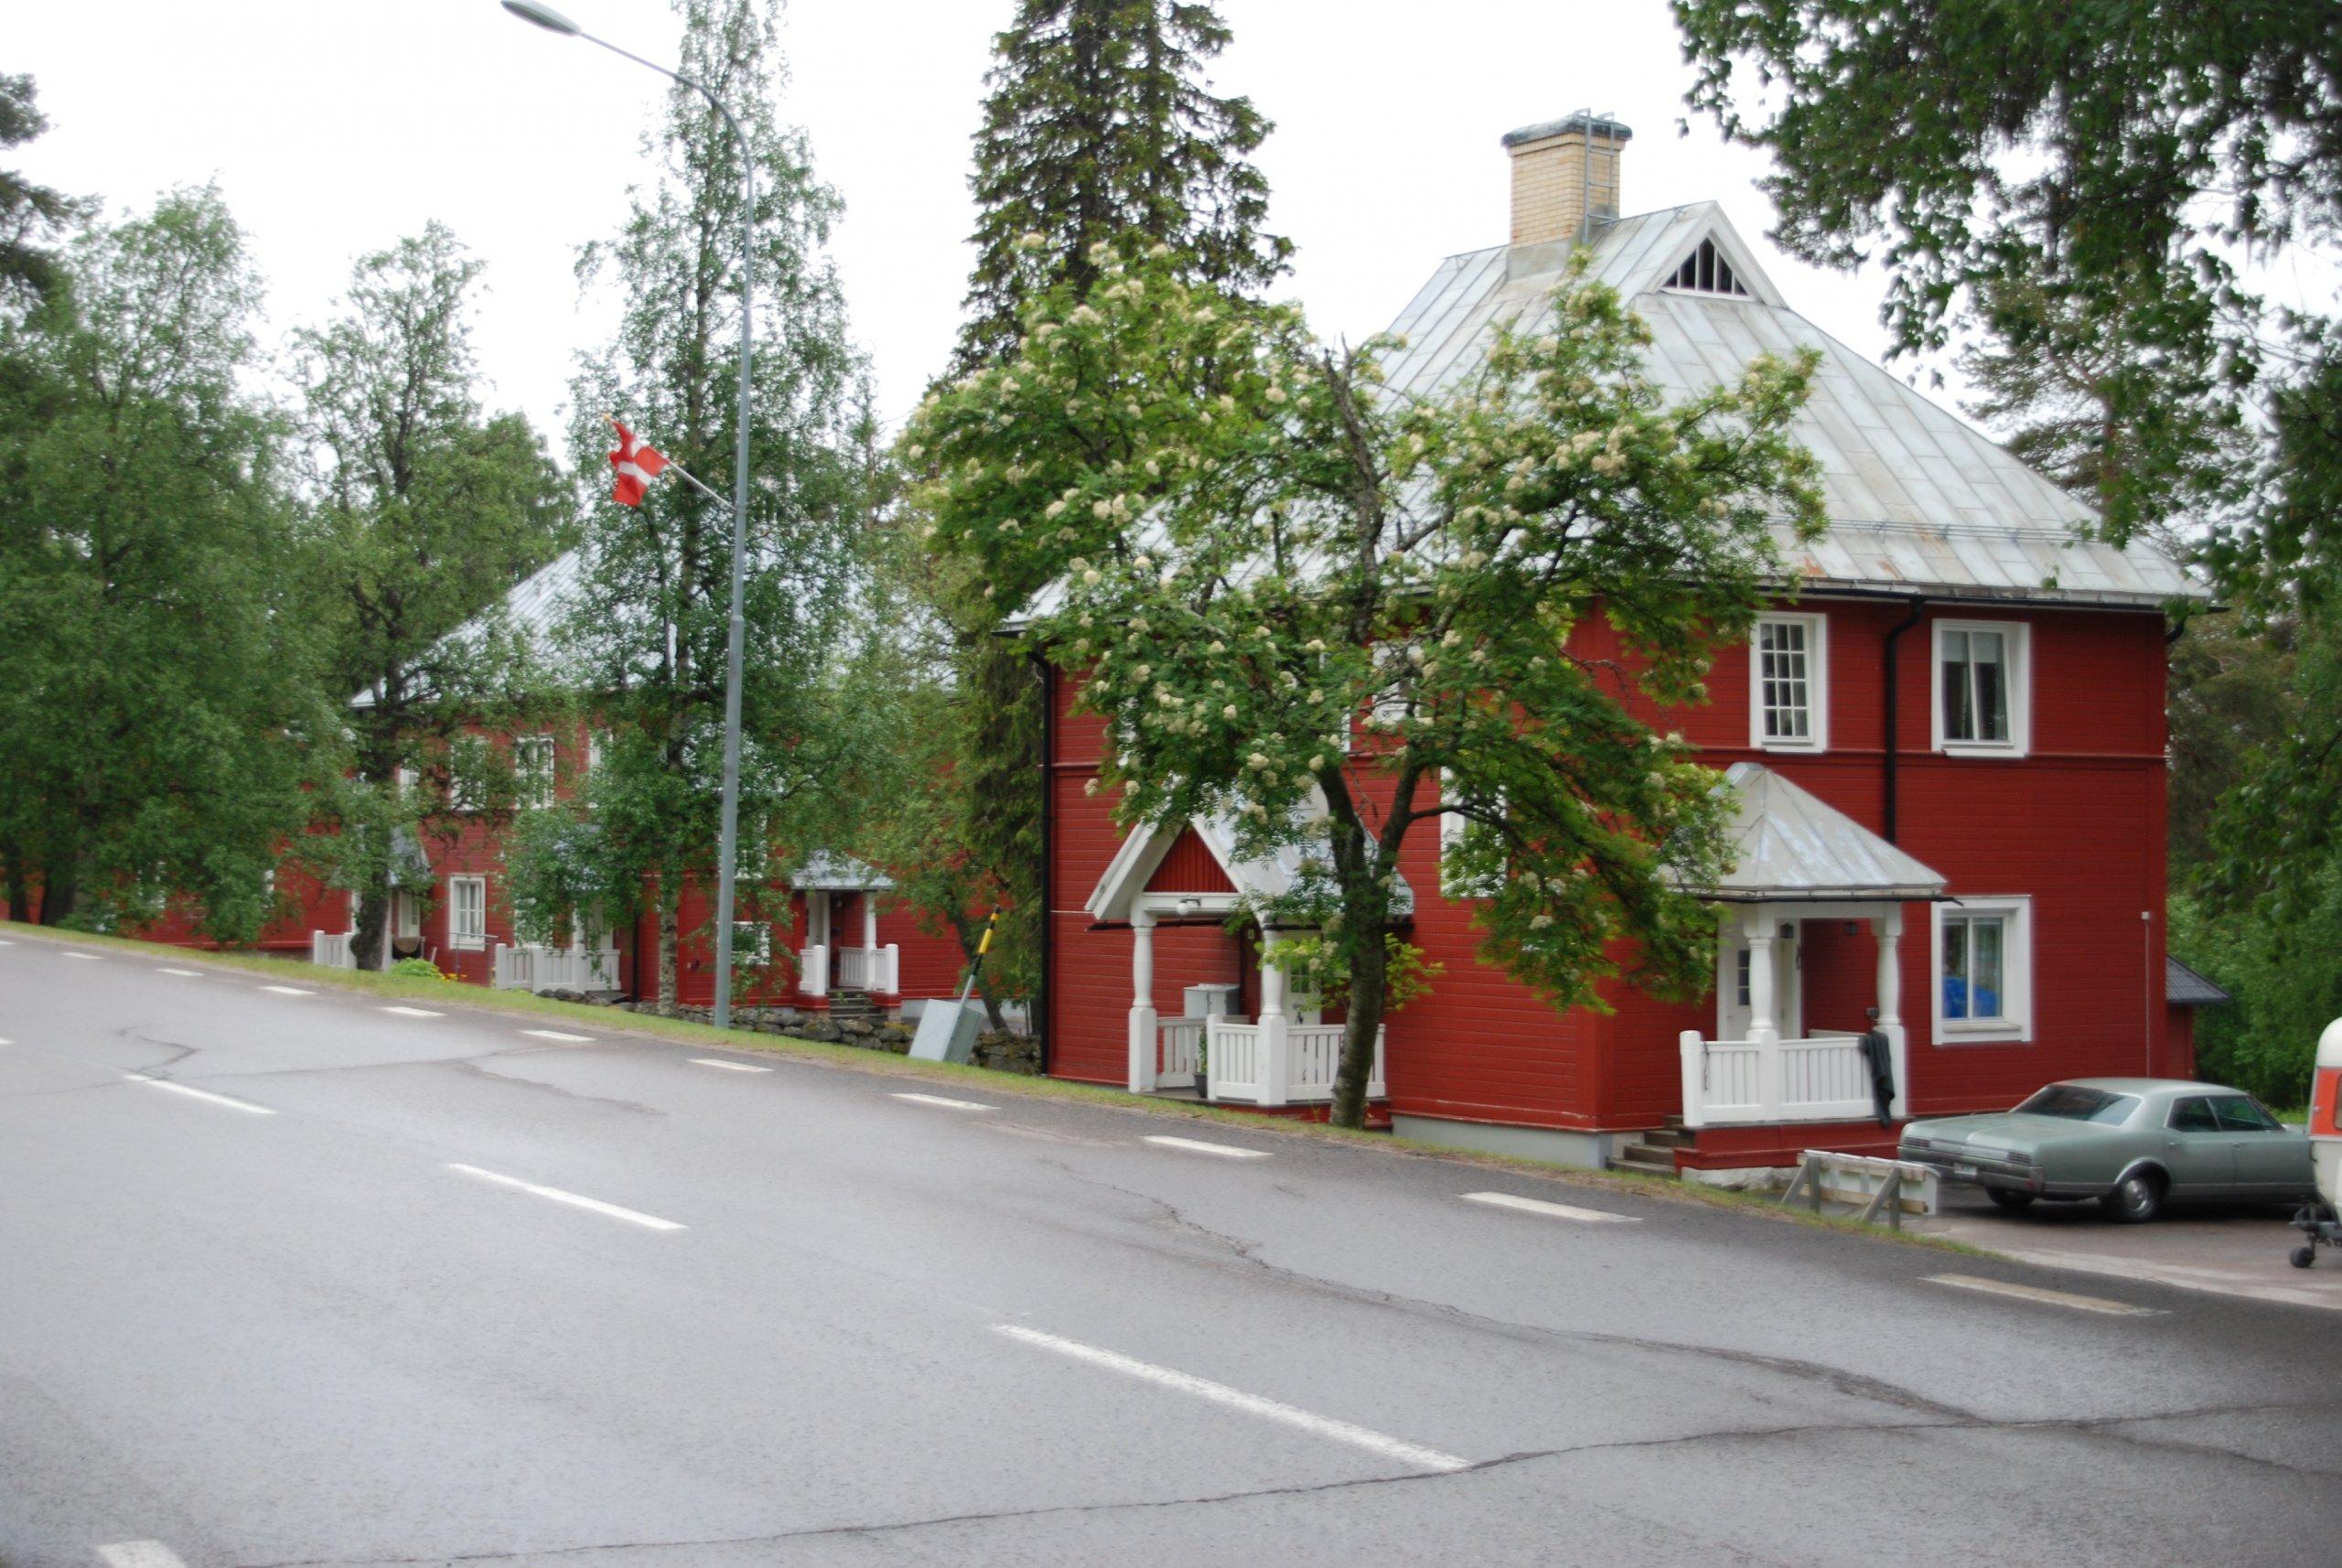 Röda hus med plåttak